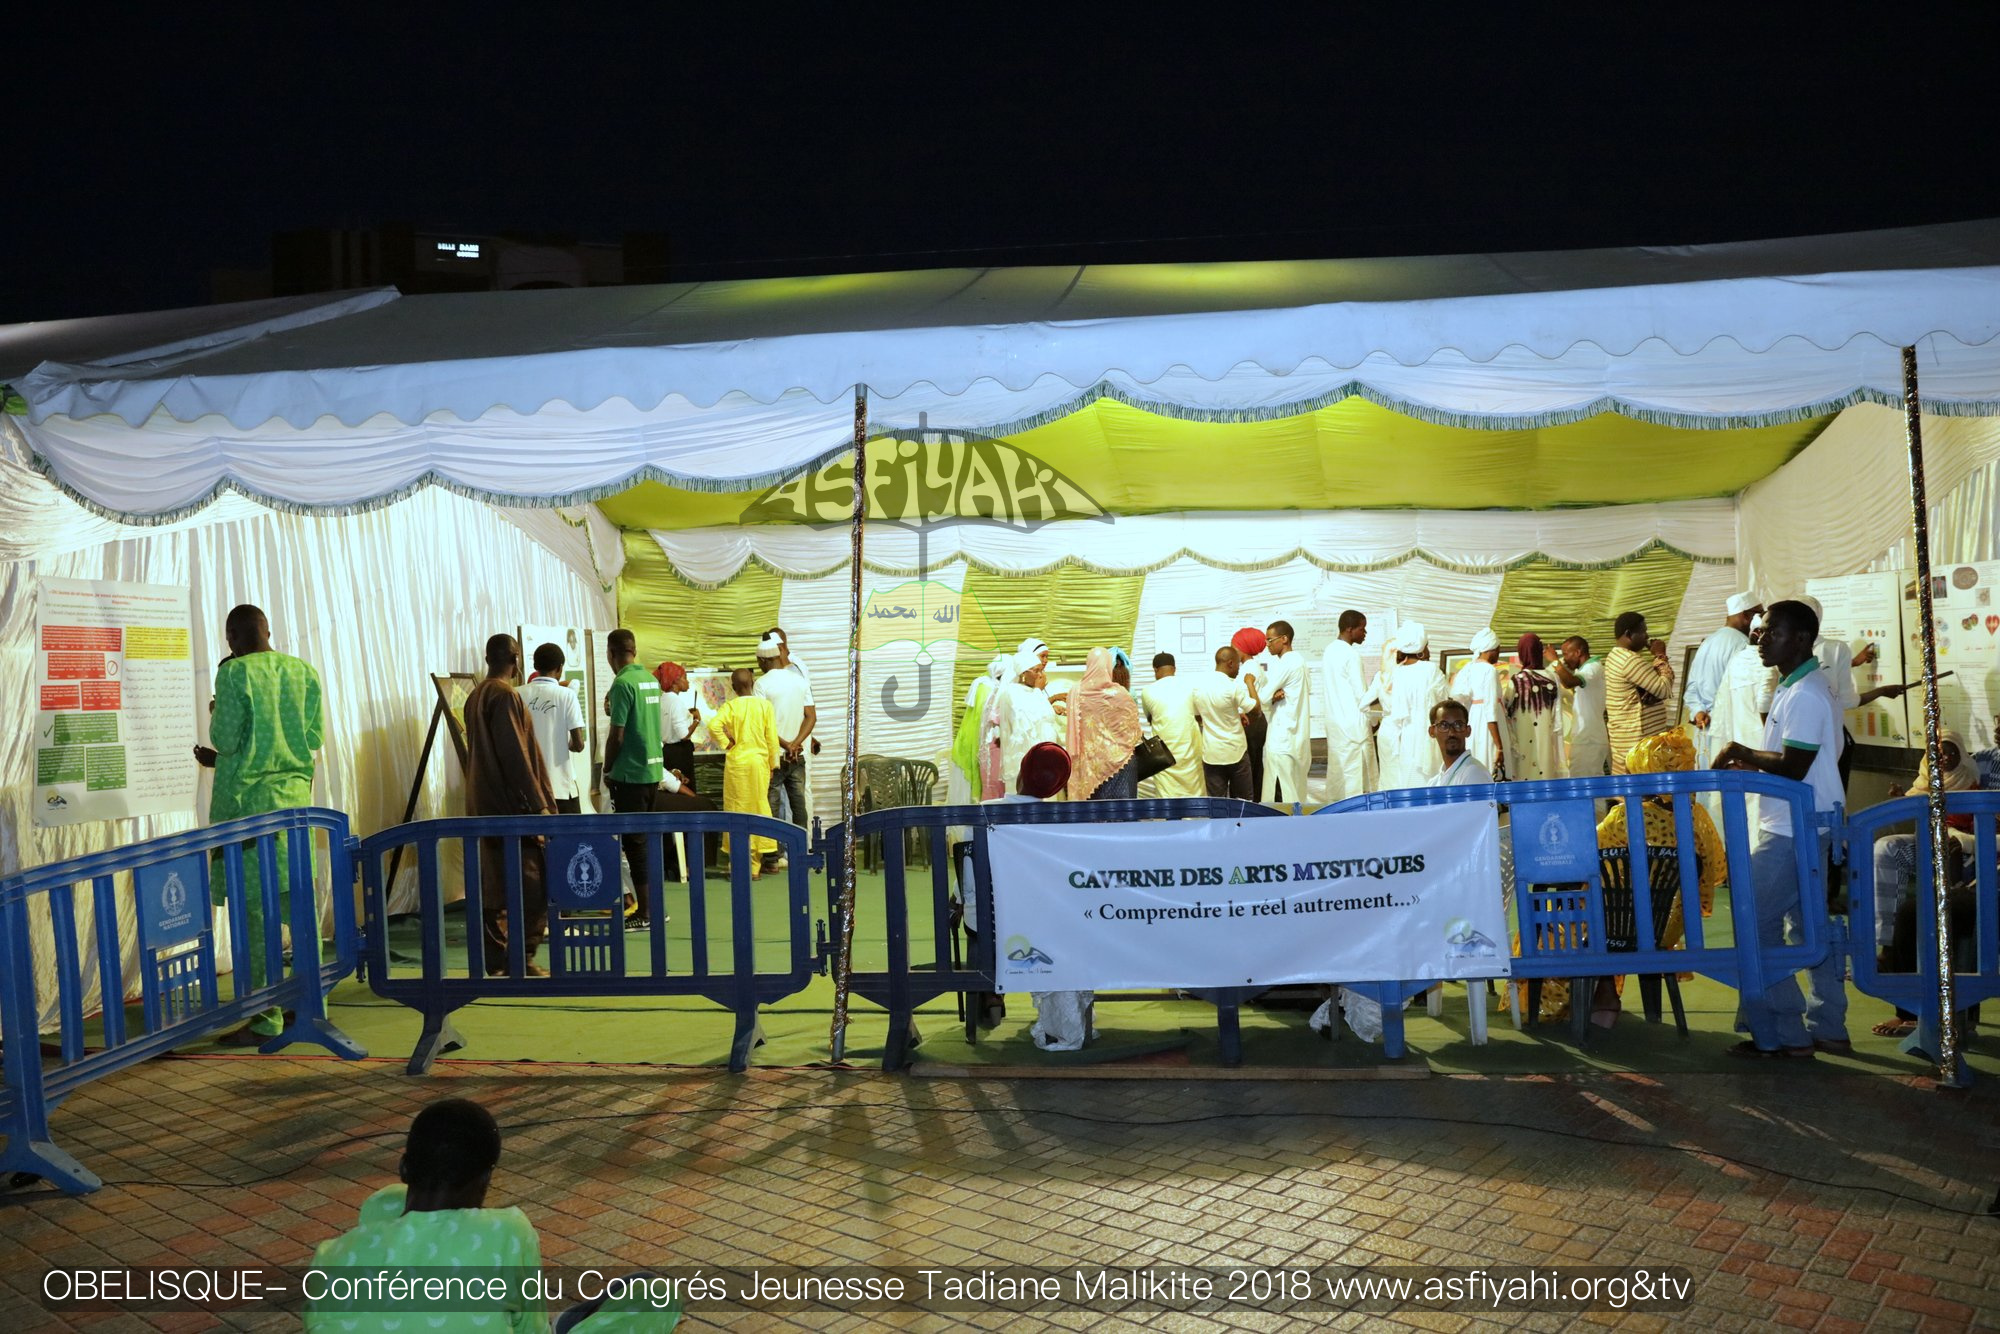 PHOTOS OBELISQUE - Les images de la Conférence du Congrès 2018 de la Jeunesse Tidiane Malikite